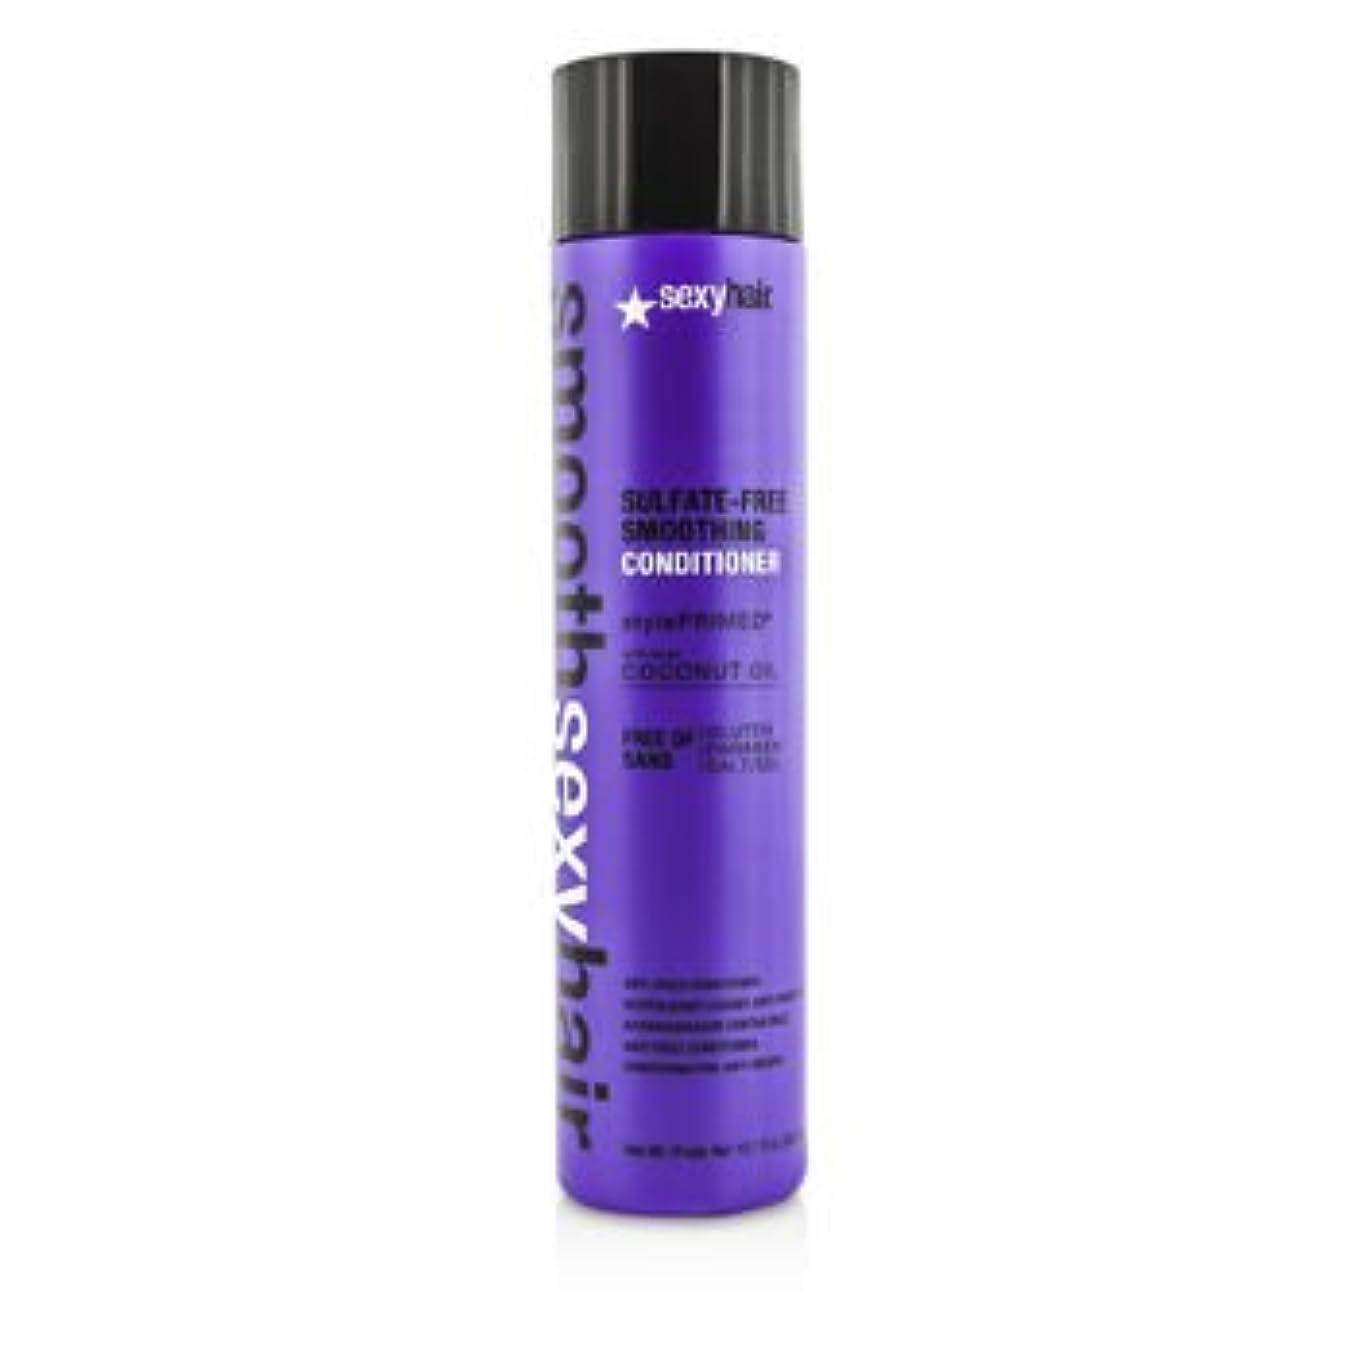 ドライブオデュッセウスペネロペ[Sexy Hair Concepts] Smooth Sexy Hair Sulfate-Free Smoothing Conditioner (Anti-Frizz) 300ml/10.1oz